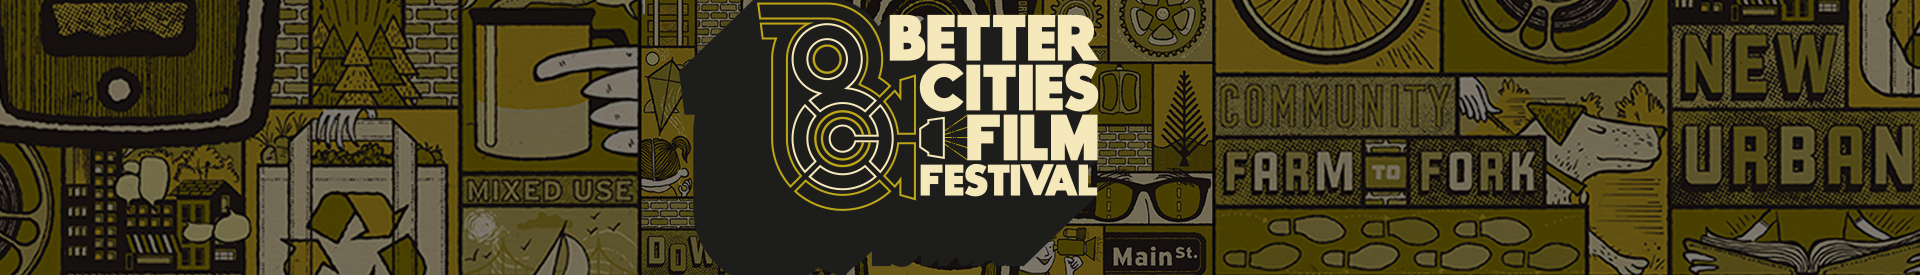 Better Cities Film Festival 2021